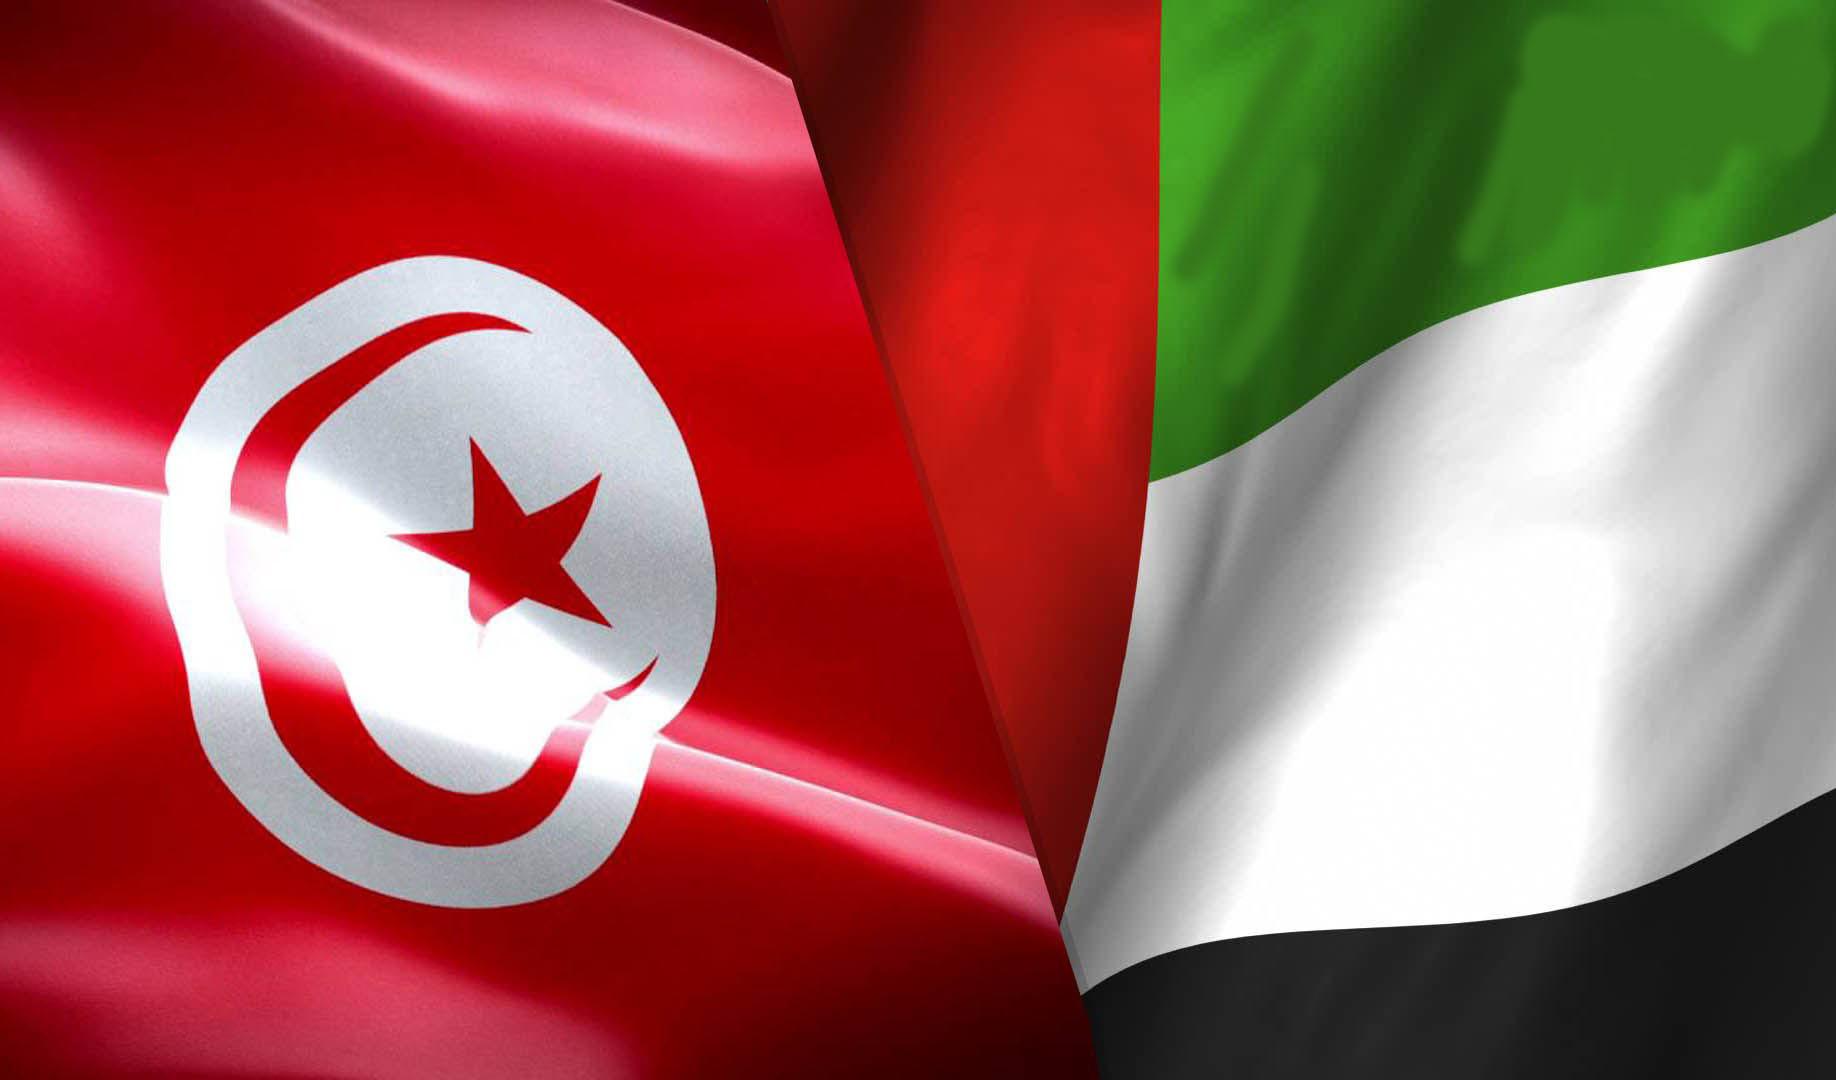 الإمارات تنفي تخطيطها لانقلاب في تونس